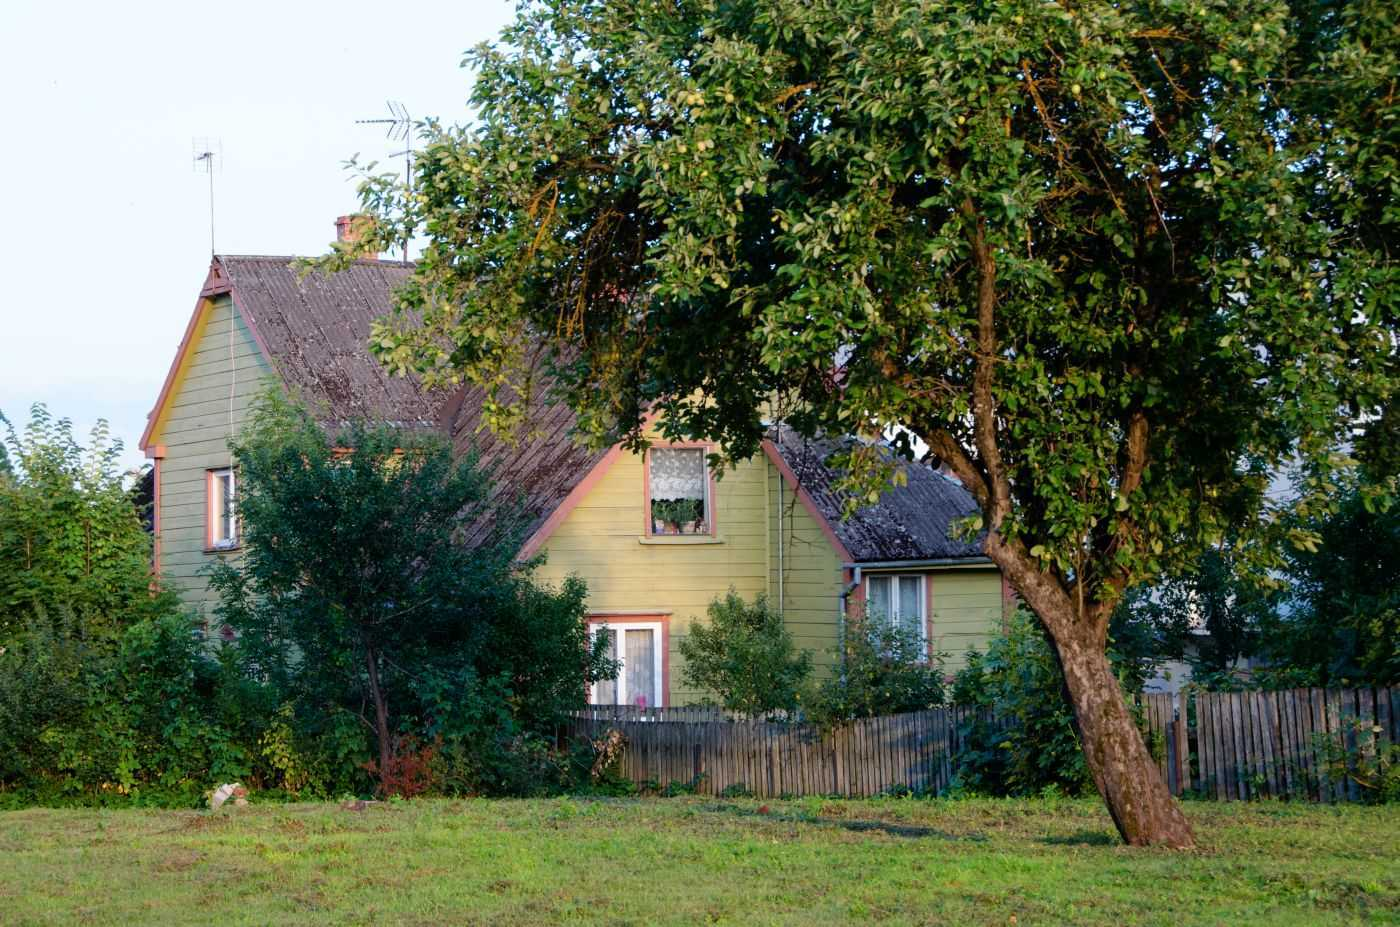 Viljandi bölgesinin ahşap kır evlerinden biri…